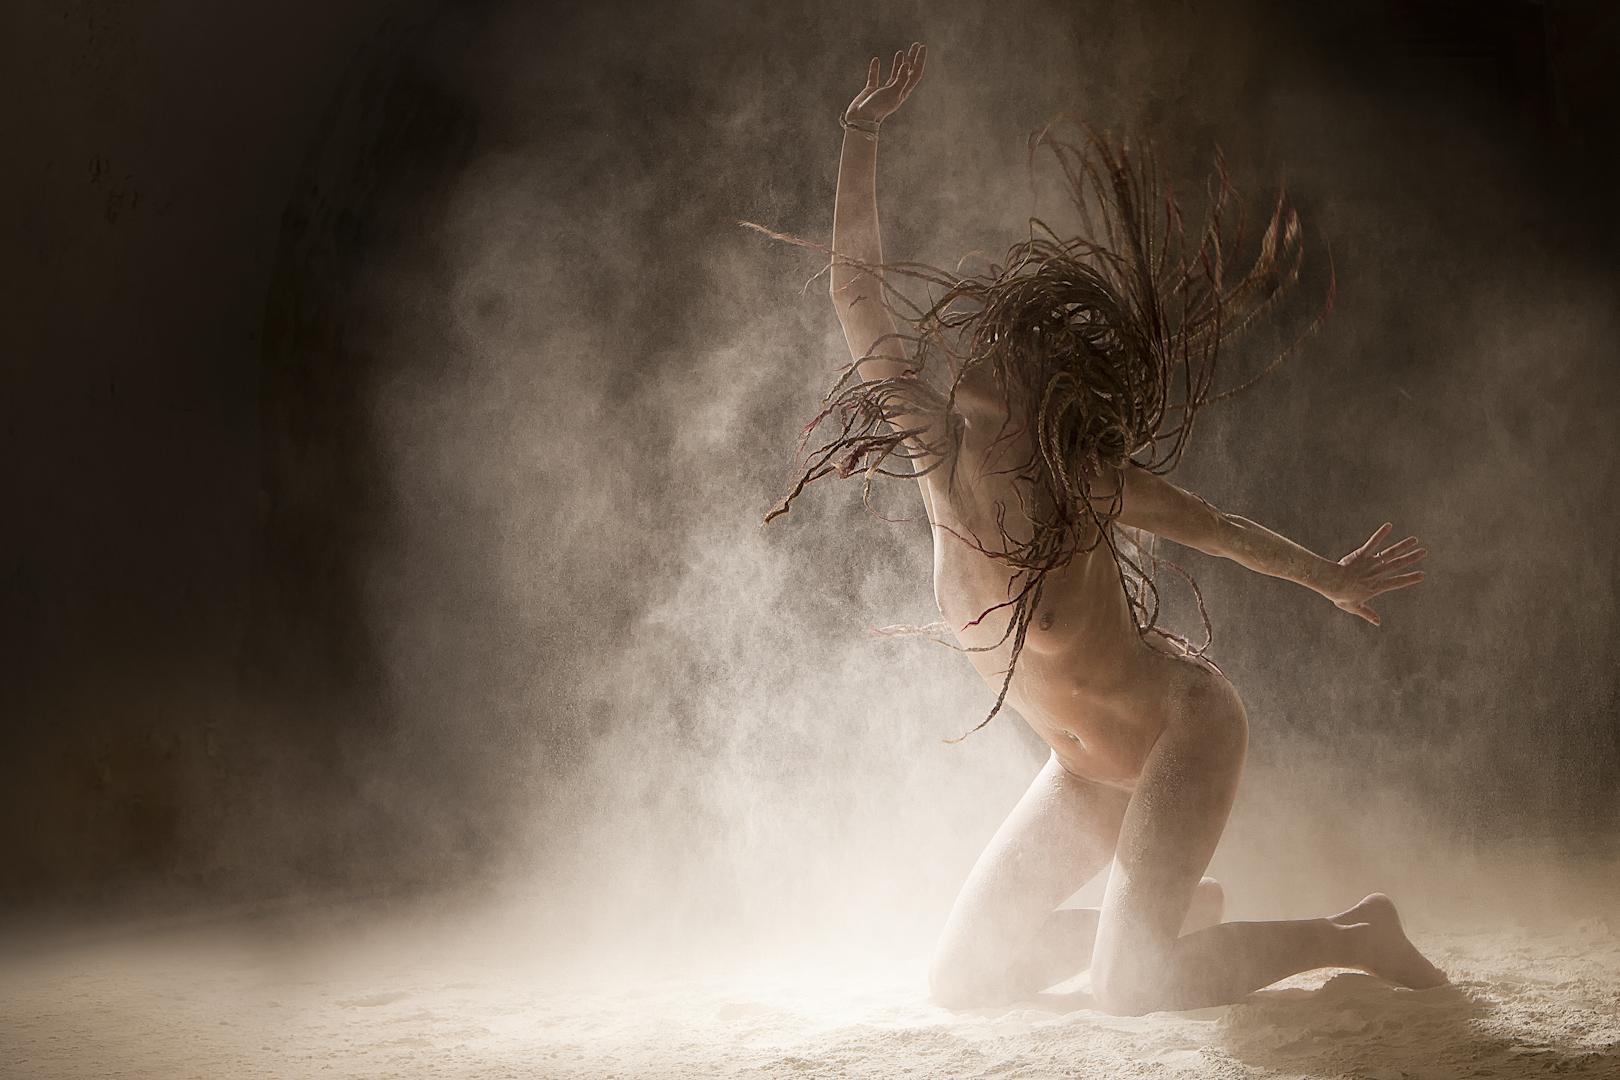 Самоучитель эротического танца, Уроки эротического танца часть 1 Урок 1 16 фотография